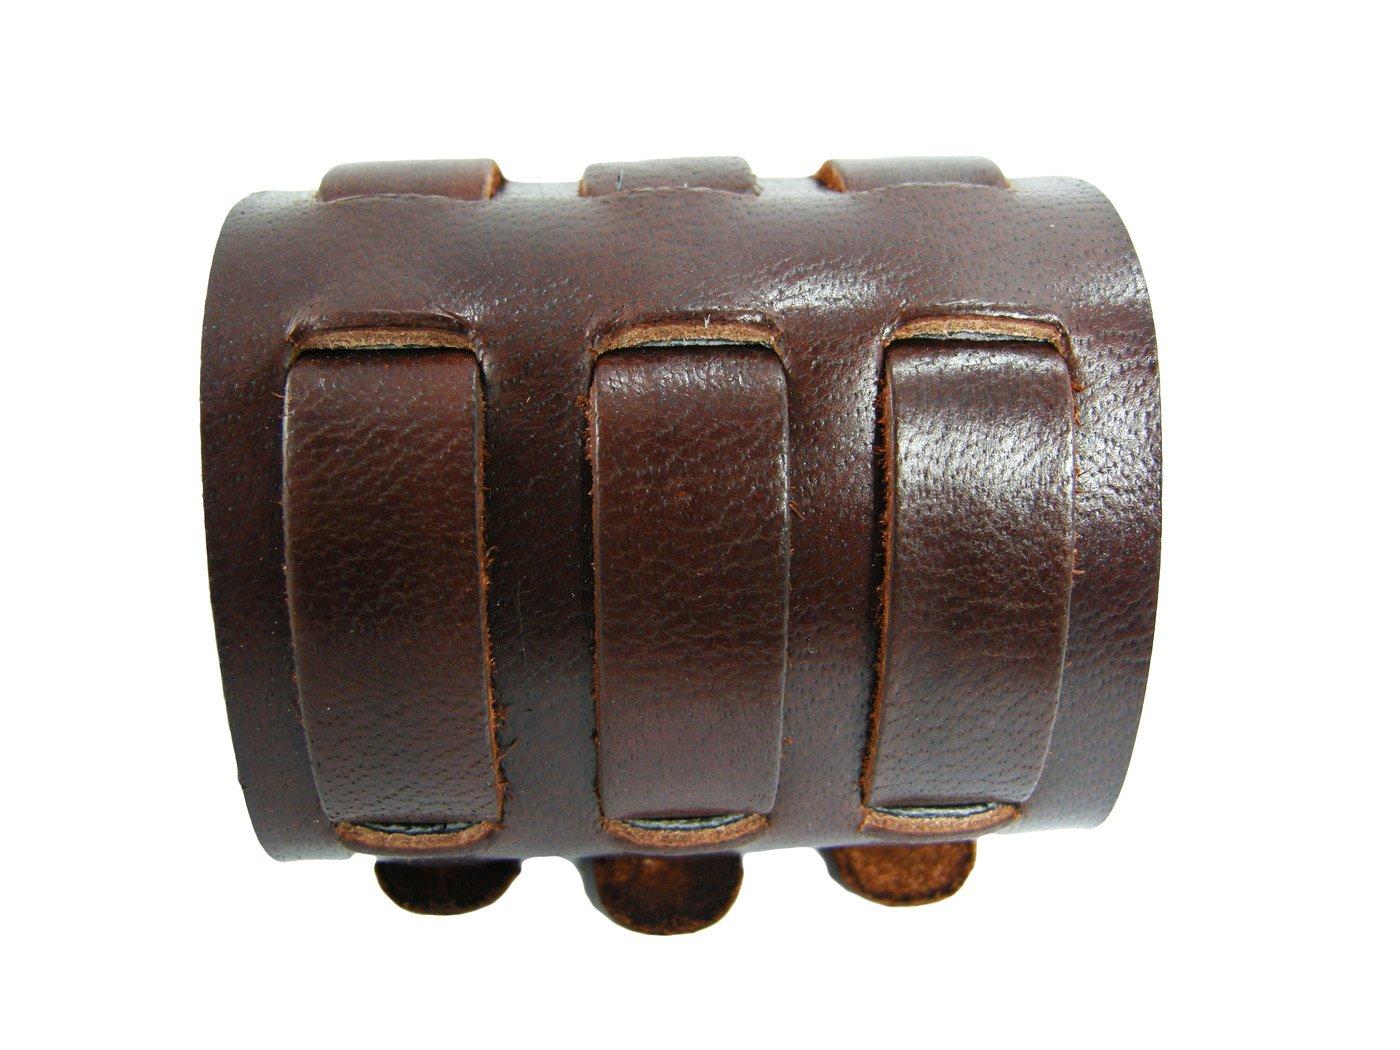 BrownBeans, Biker Buckles Brown Leather Wristband Bracelet Watchbands for Men (LBCT4023)